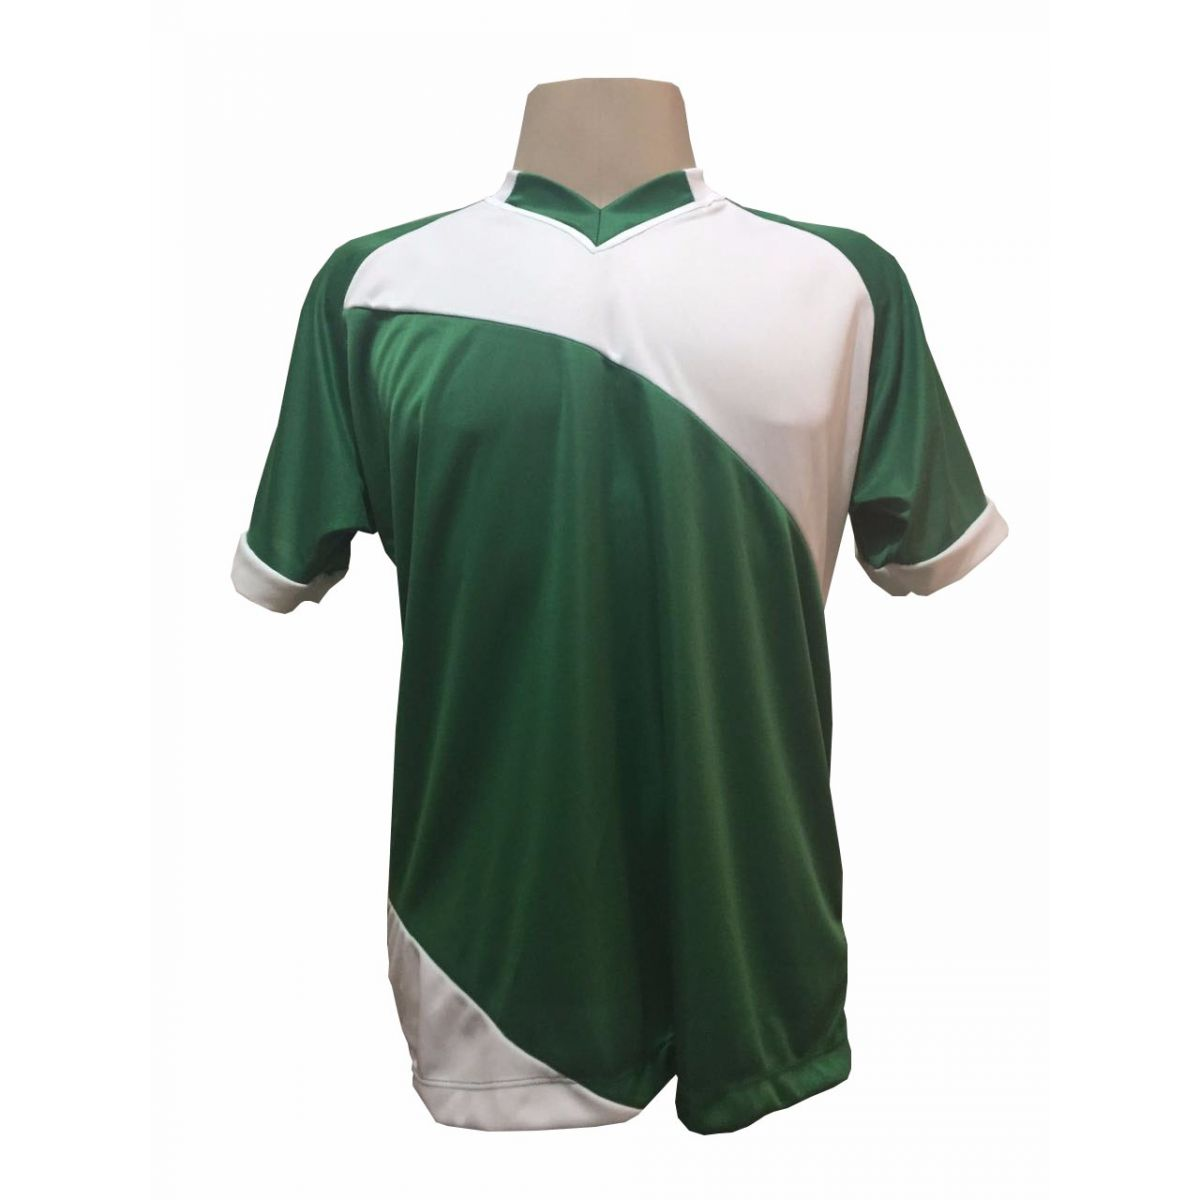 Fardamento Completo modelo Bélgica 20+2 (20 camisas Verde/Branco + 20 calções modelo Copa Verde/Branco + 20 pares de meiões Branco + 2 conjuntos de goleiro) + Brindes